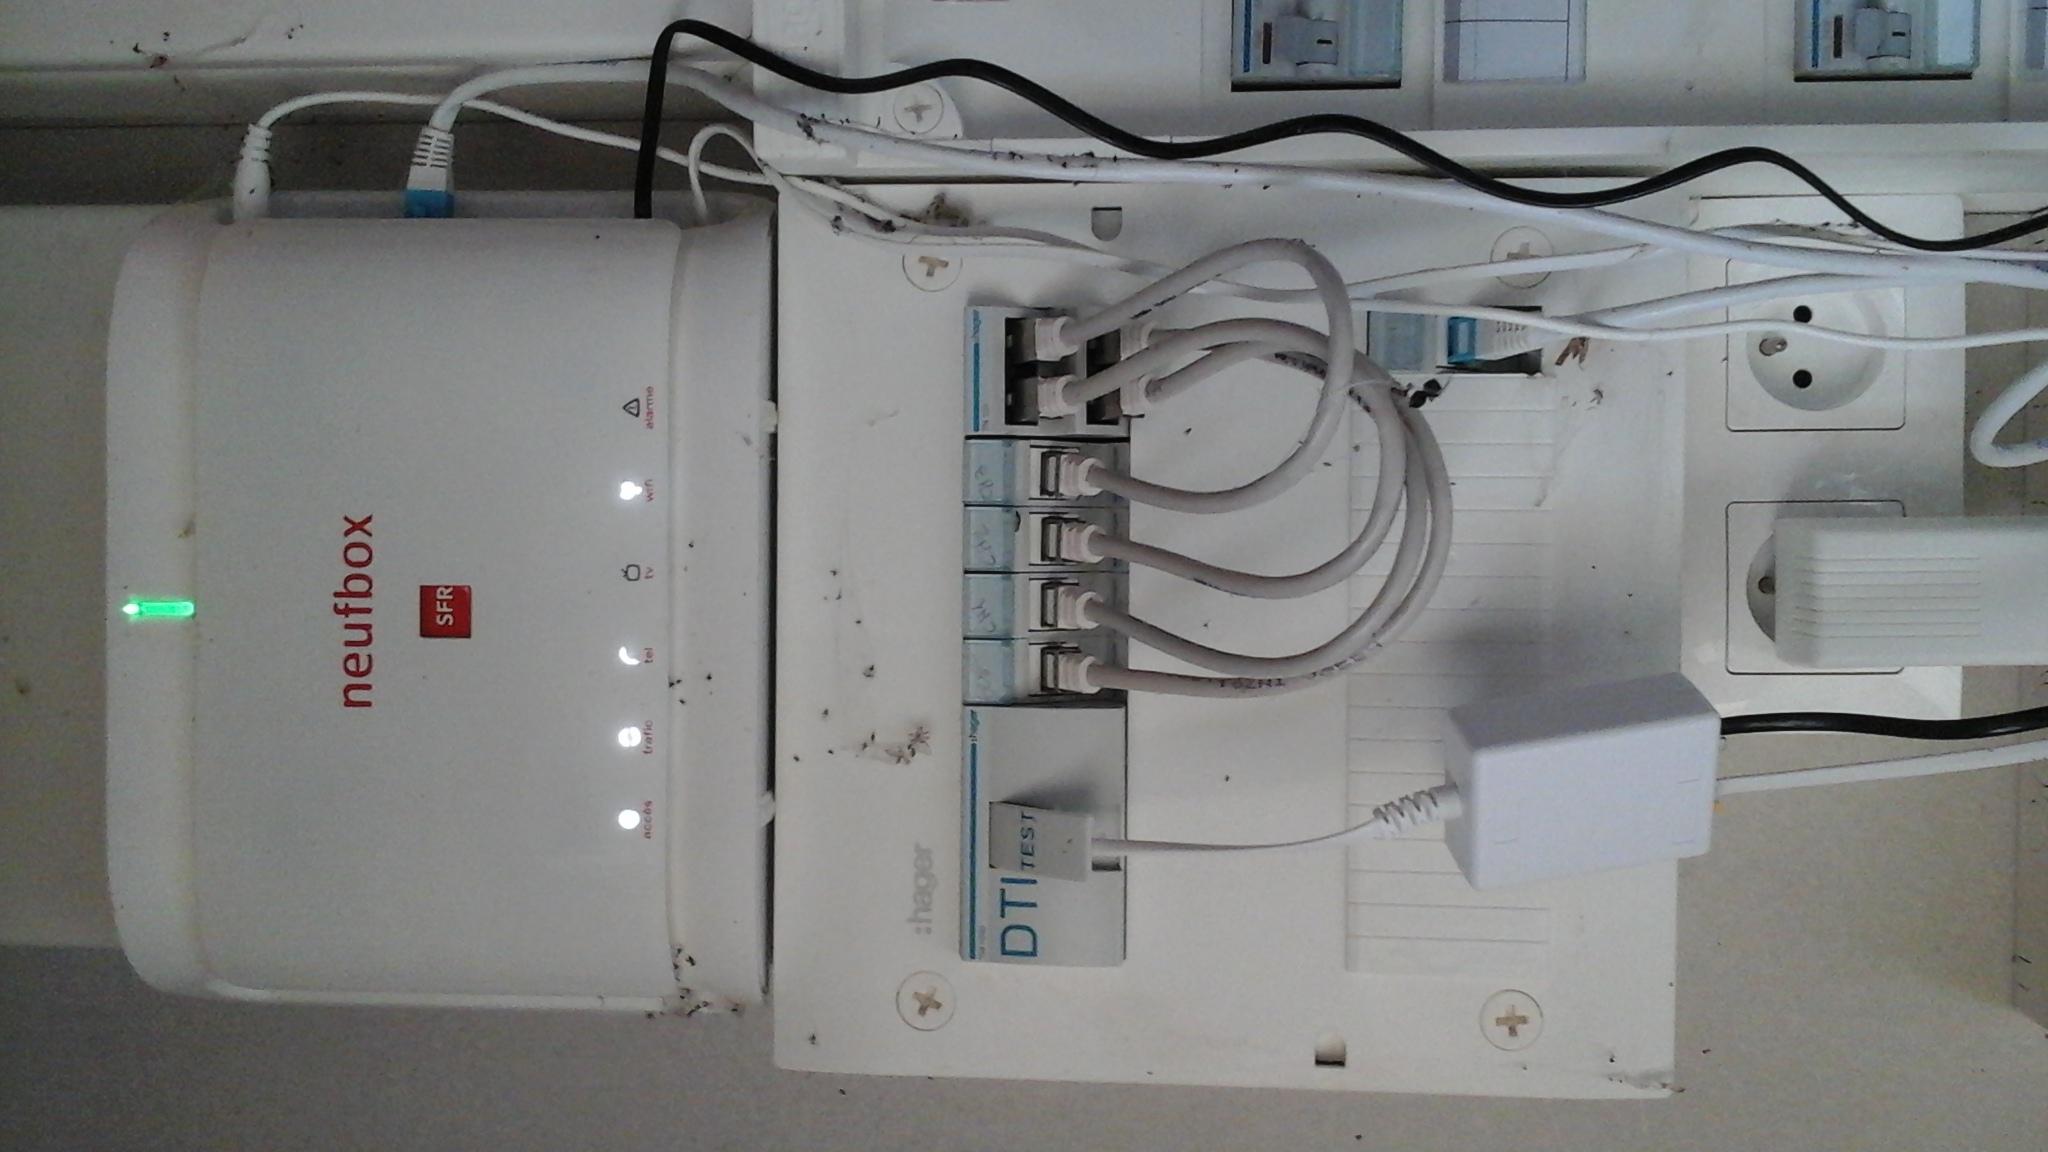 R 233 Solu Comment Installer Ma Box En Rj45 Nouvelle